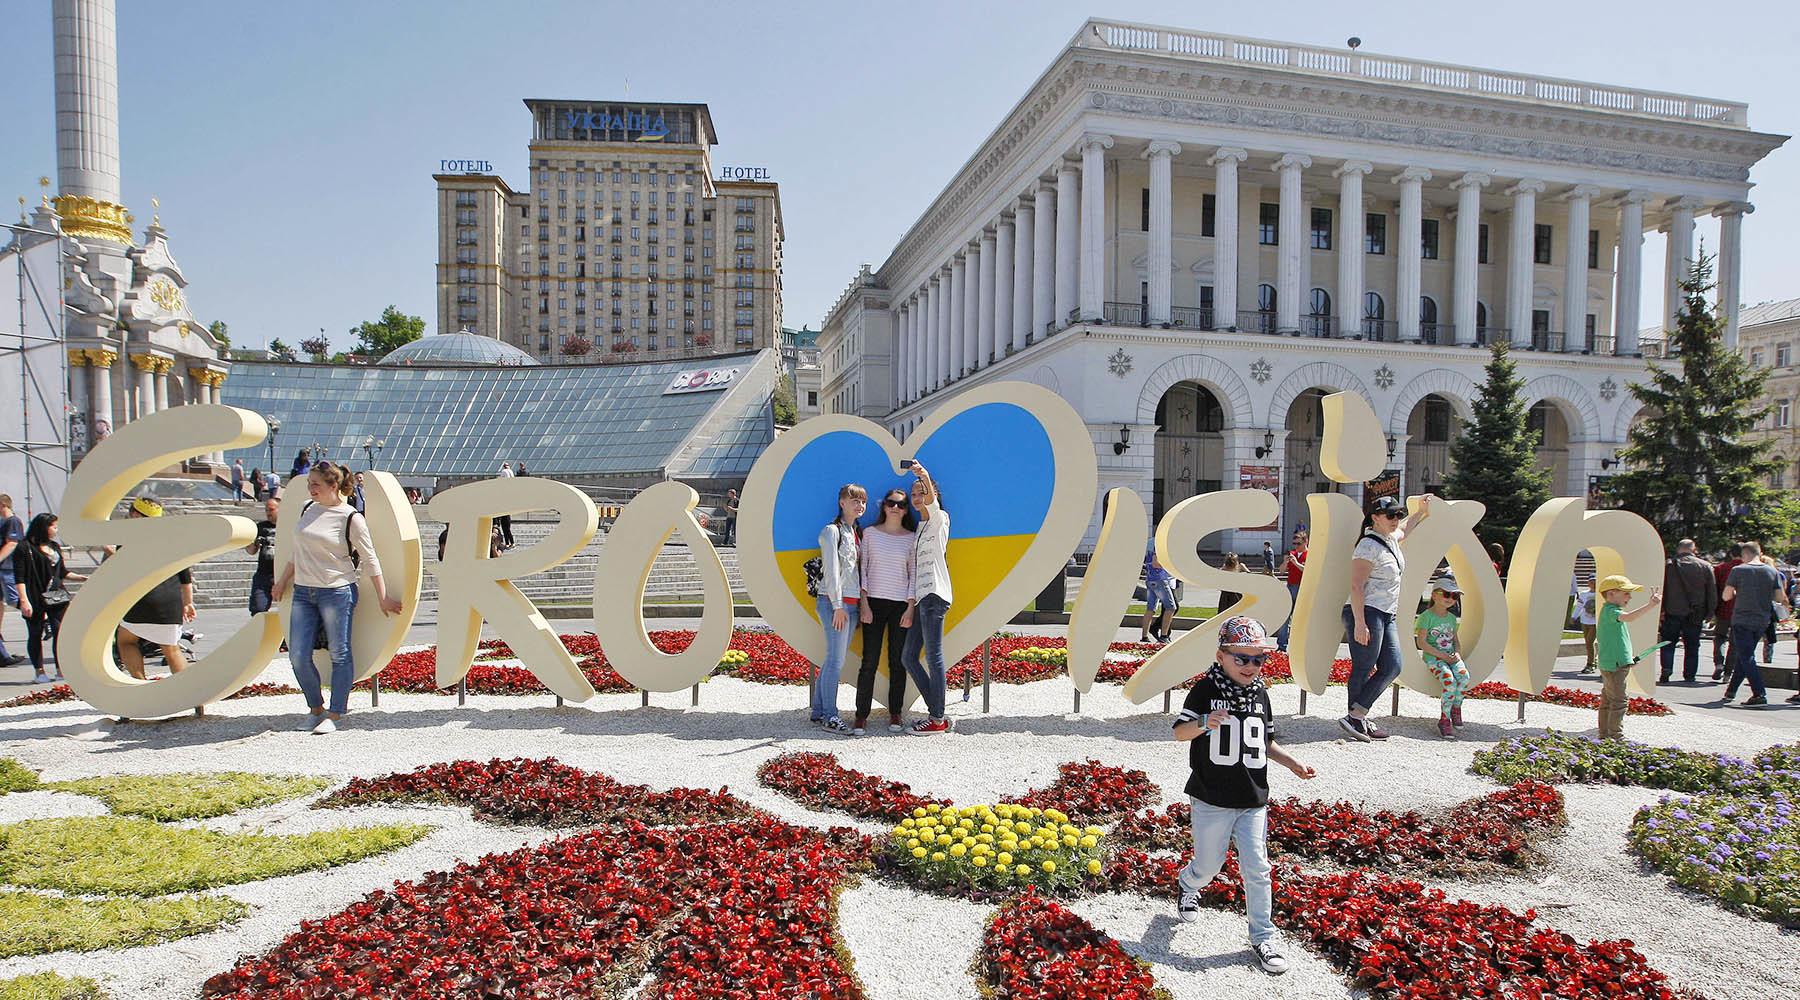 Новые правила из-за старых решений: организаторы Евровидения внесли изменения в правила правила после конкурса в Ук